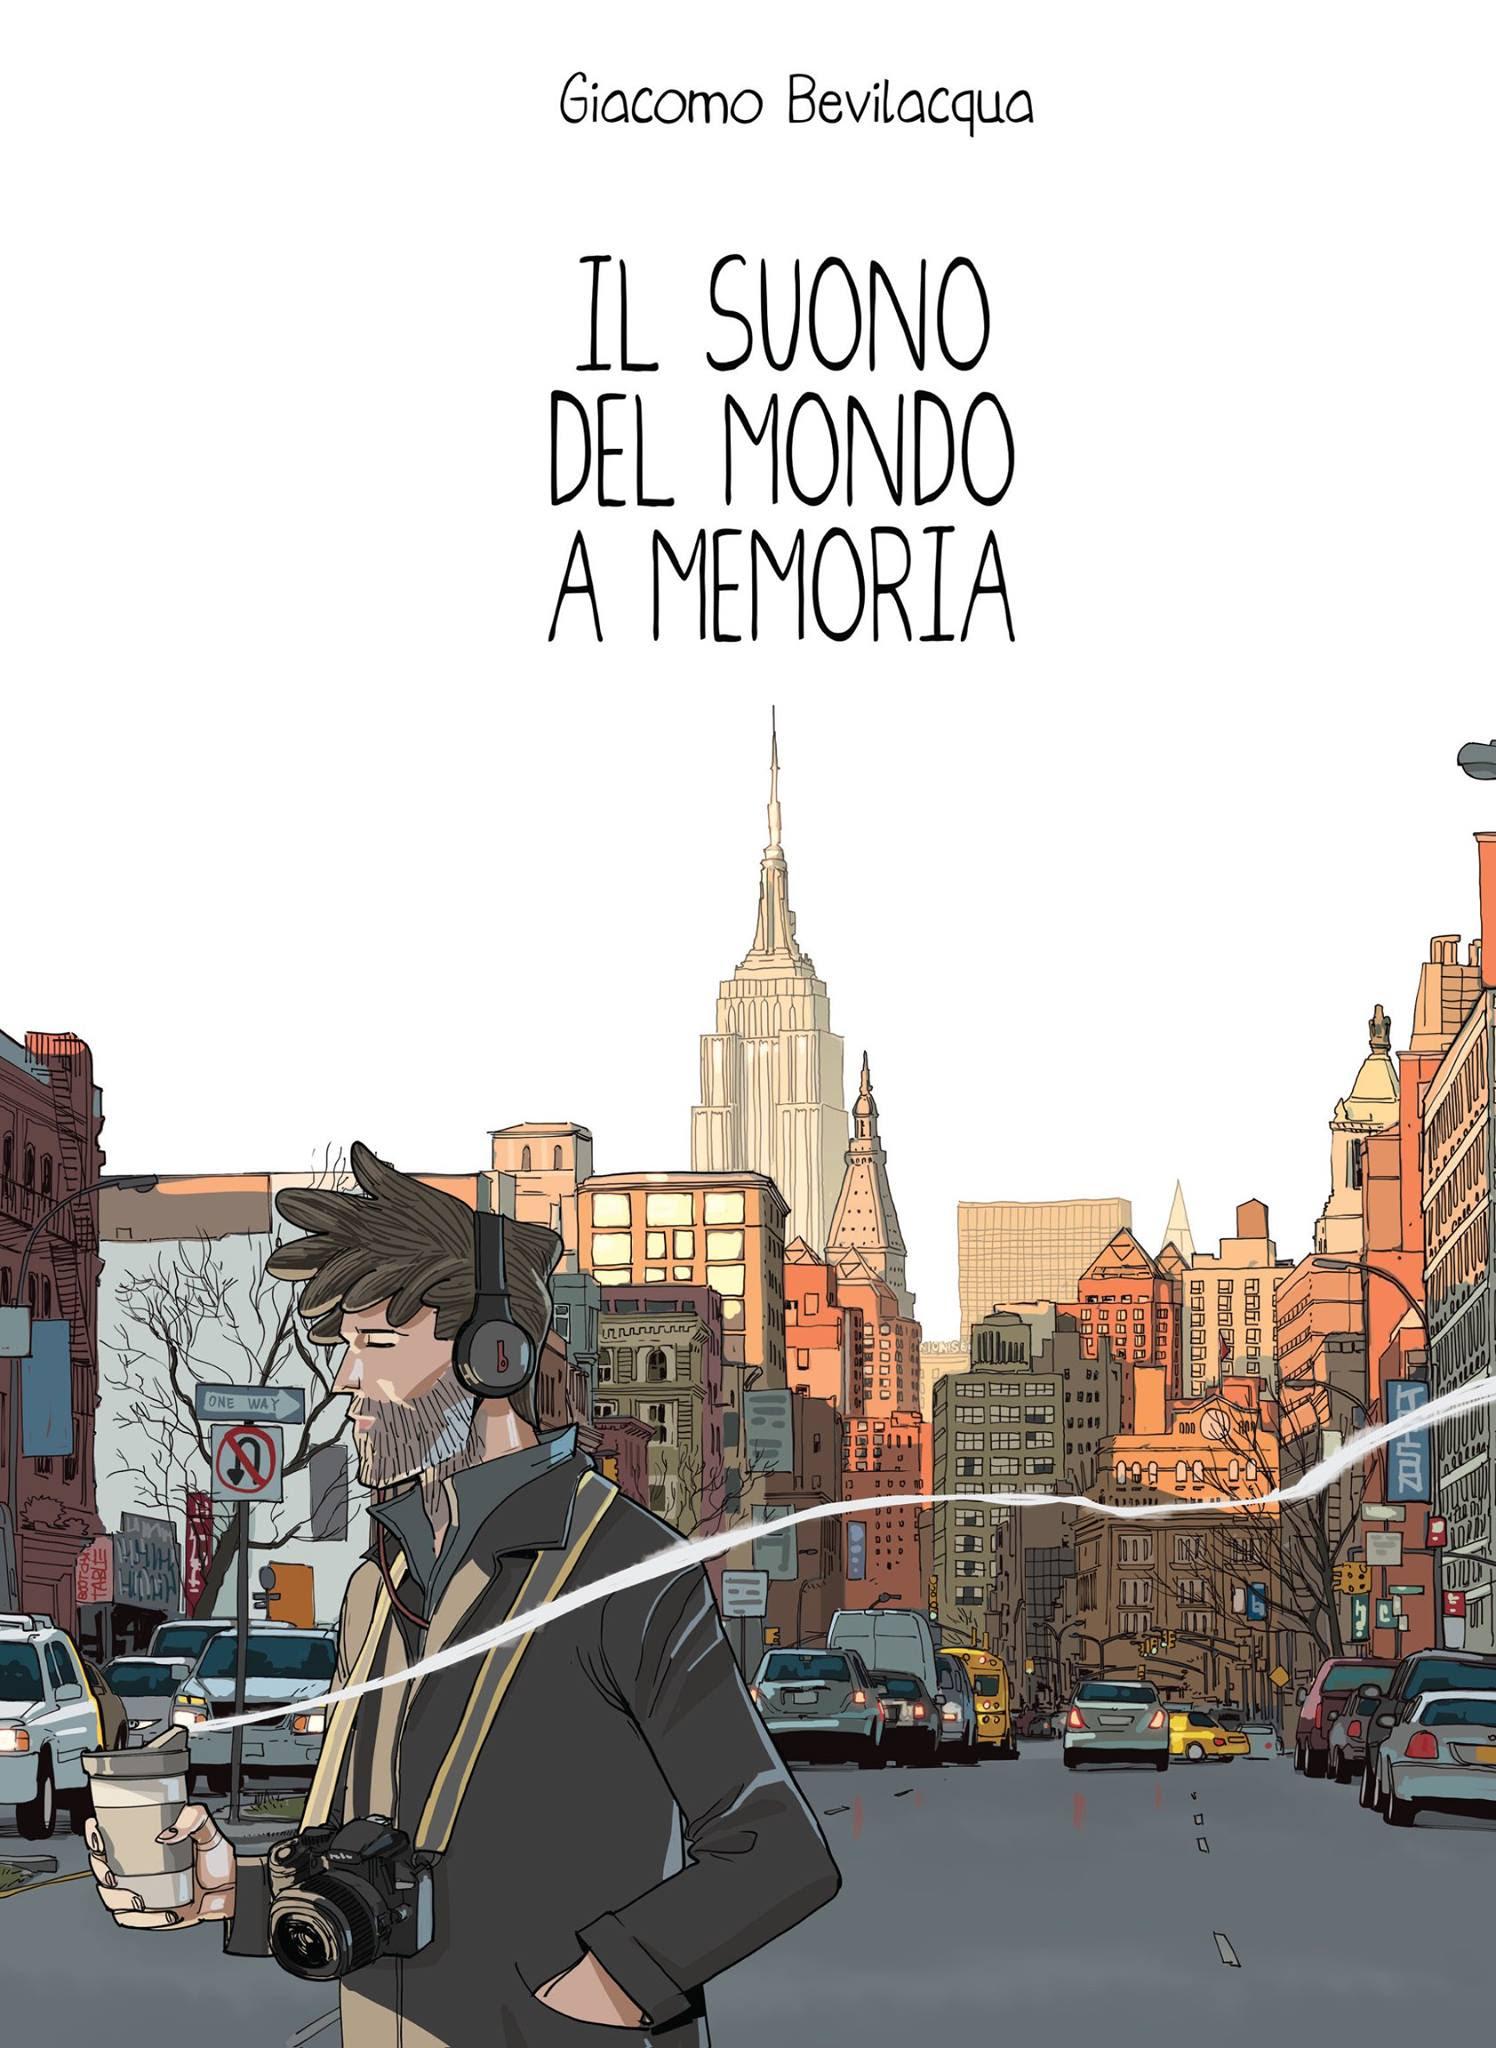 """E' uscito """"Il suono del mondo a memoria"""" di Giacomo Bevilacqua"""